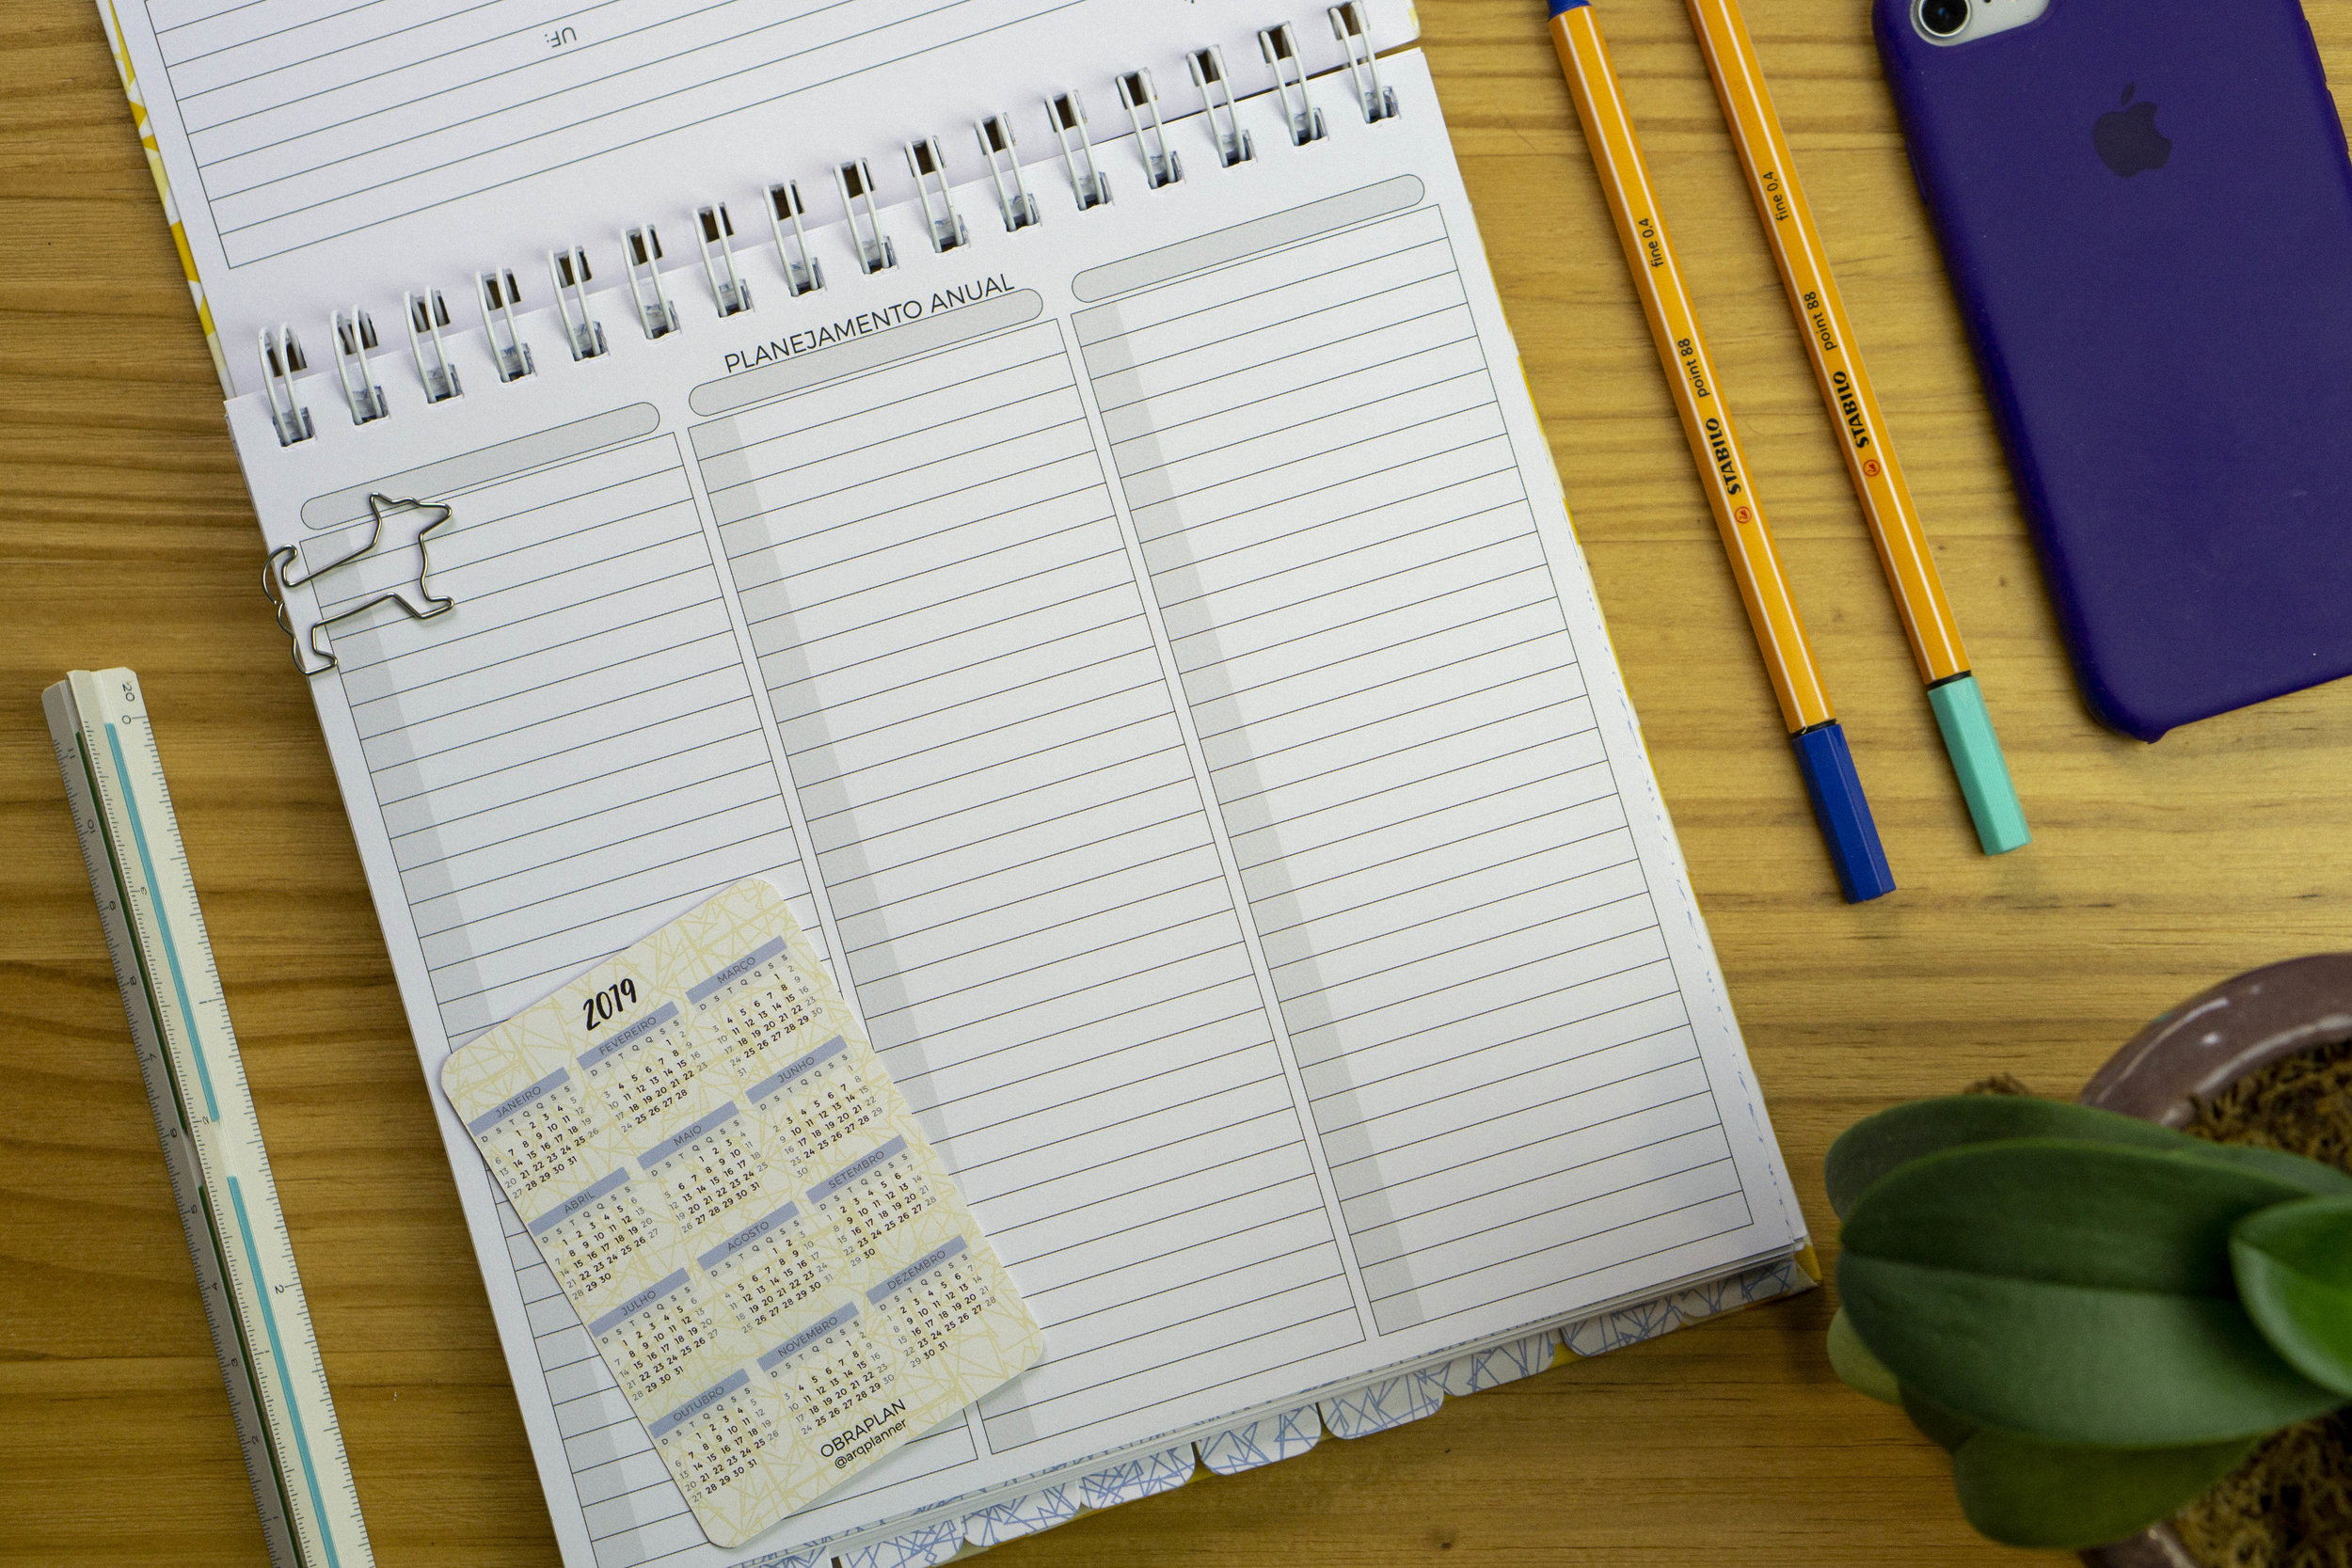 planejamento-anual.jpg